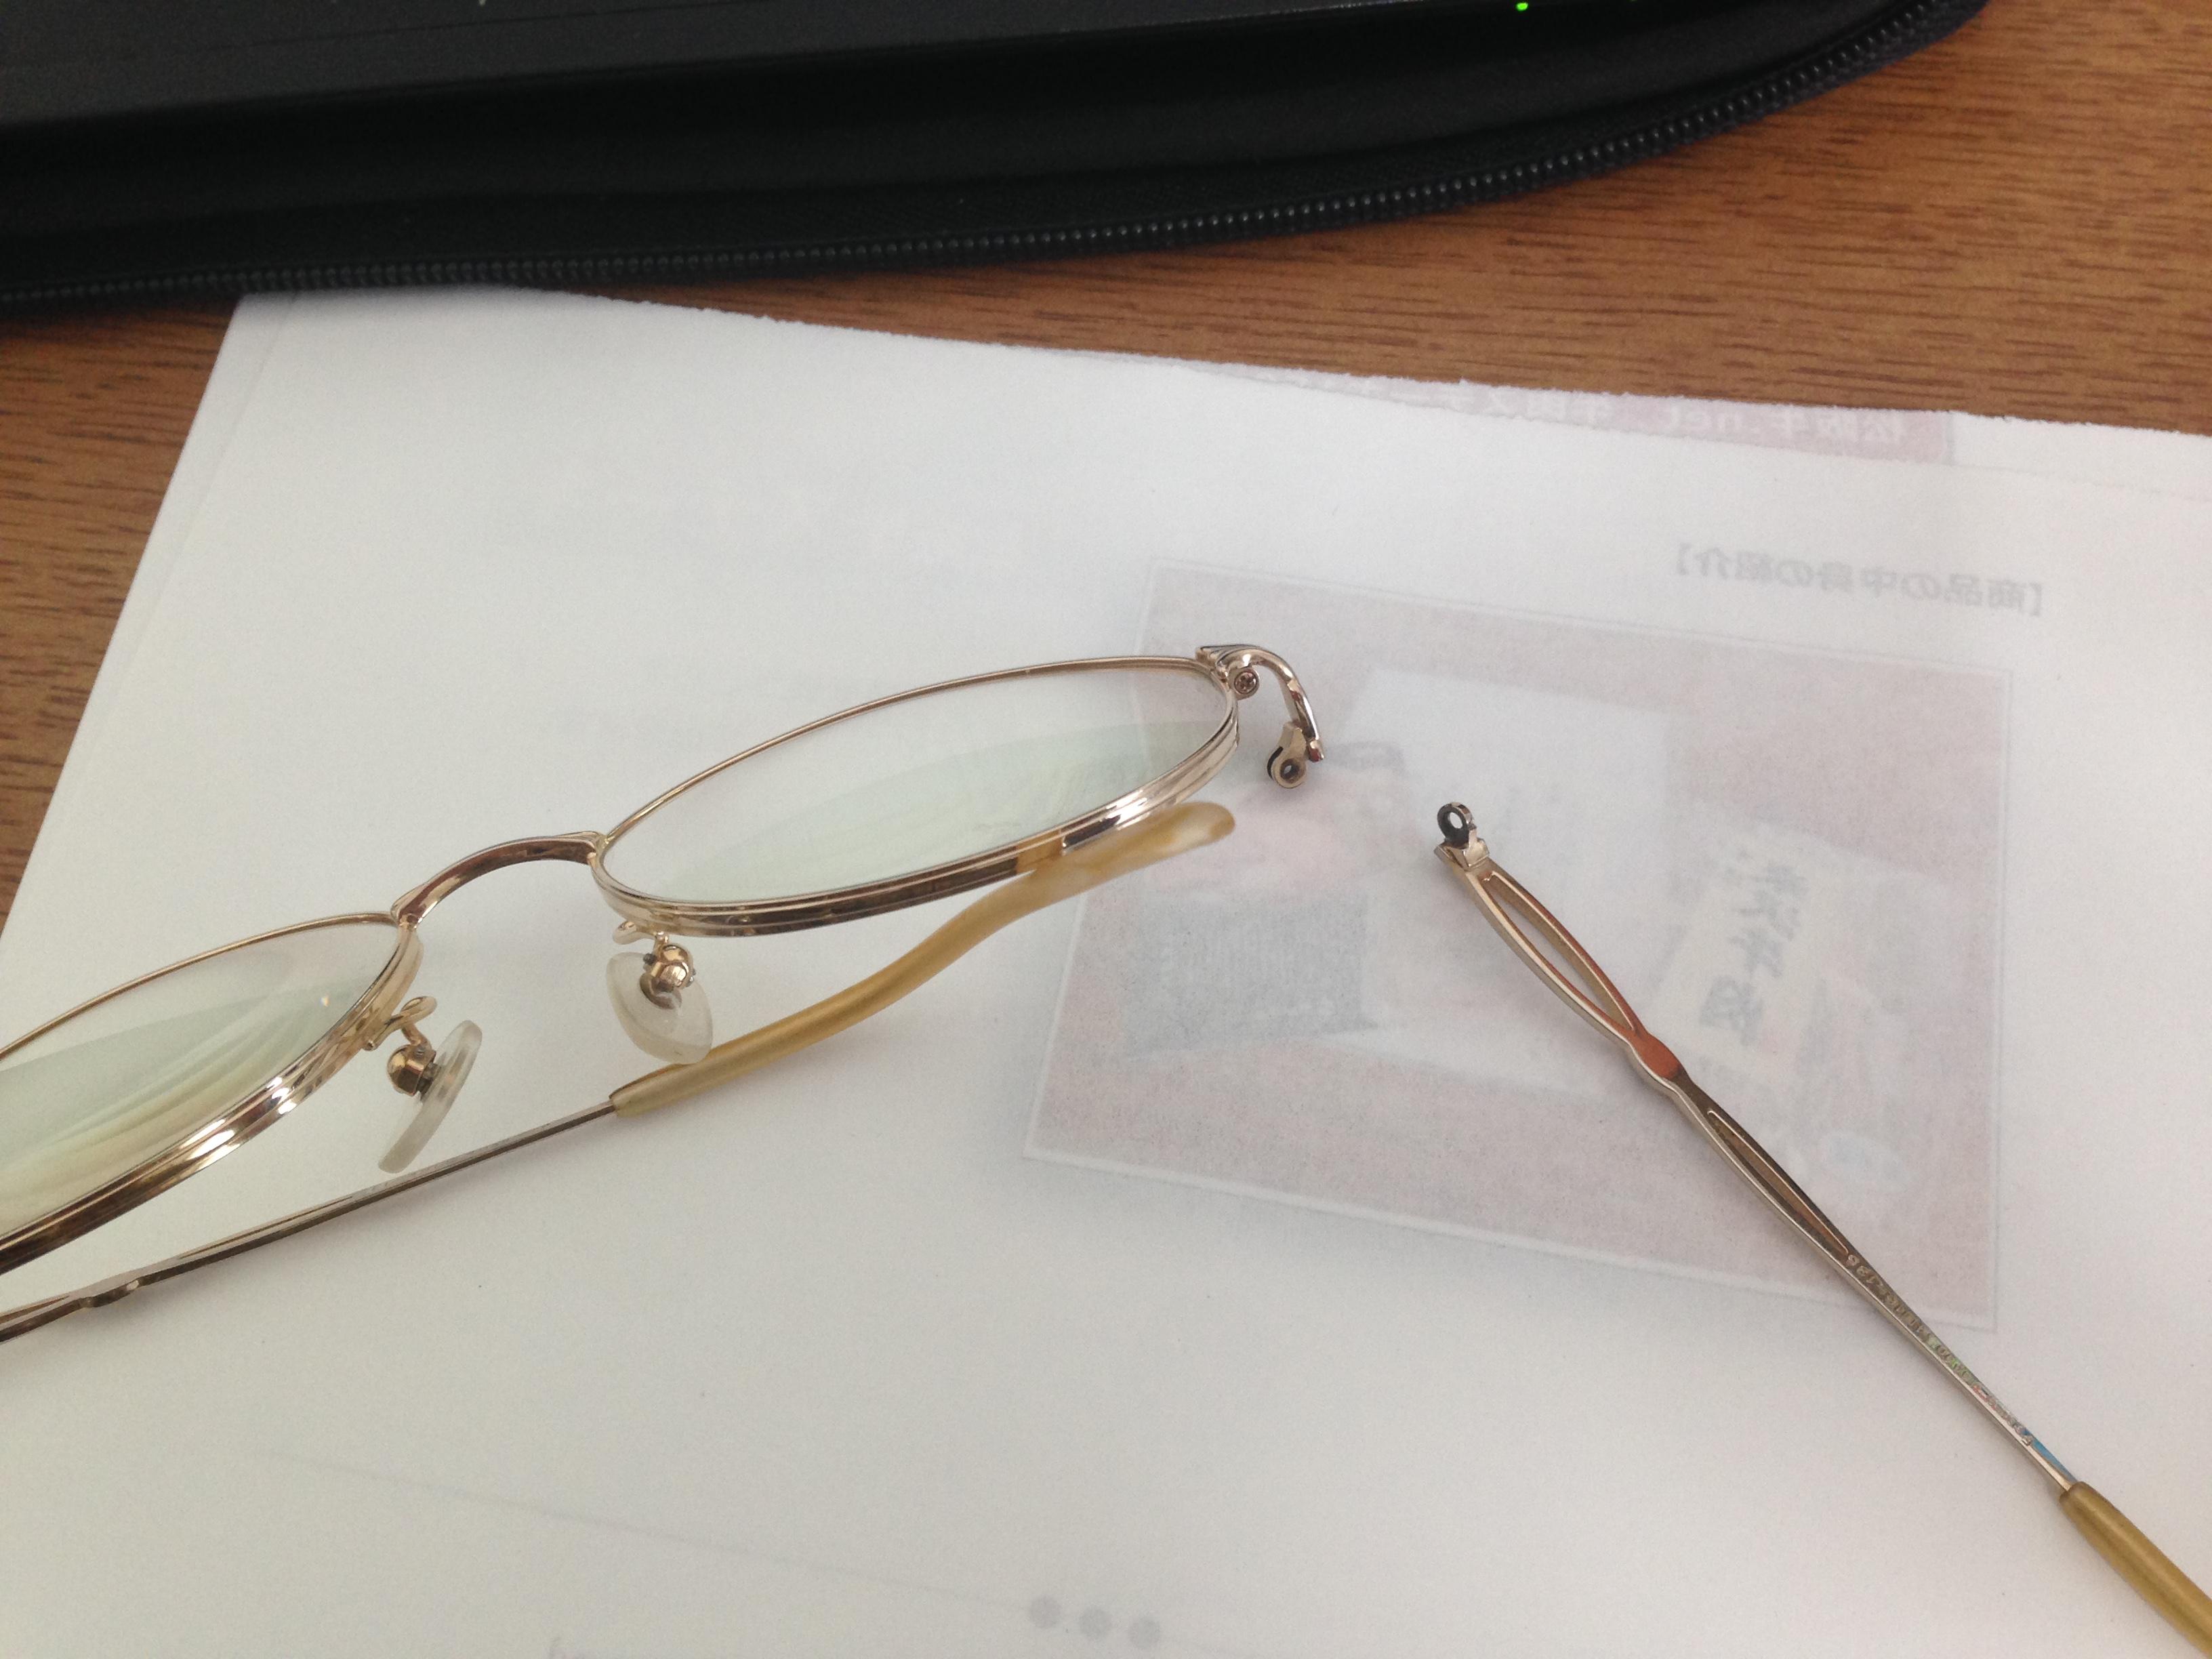 バキッと折れてしまったメガネフレーム